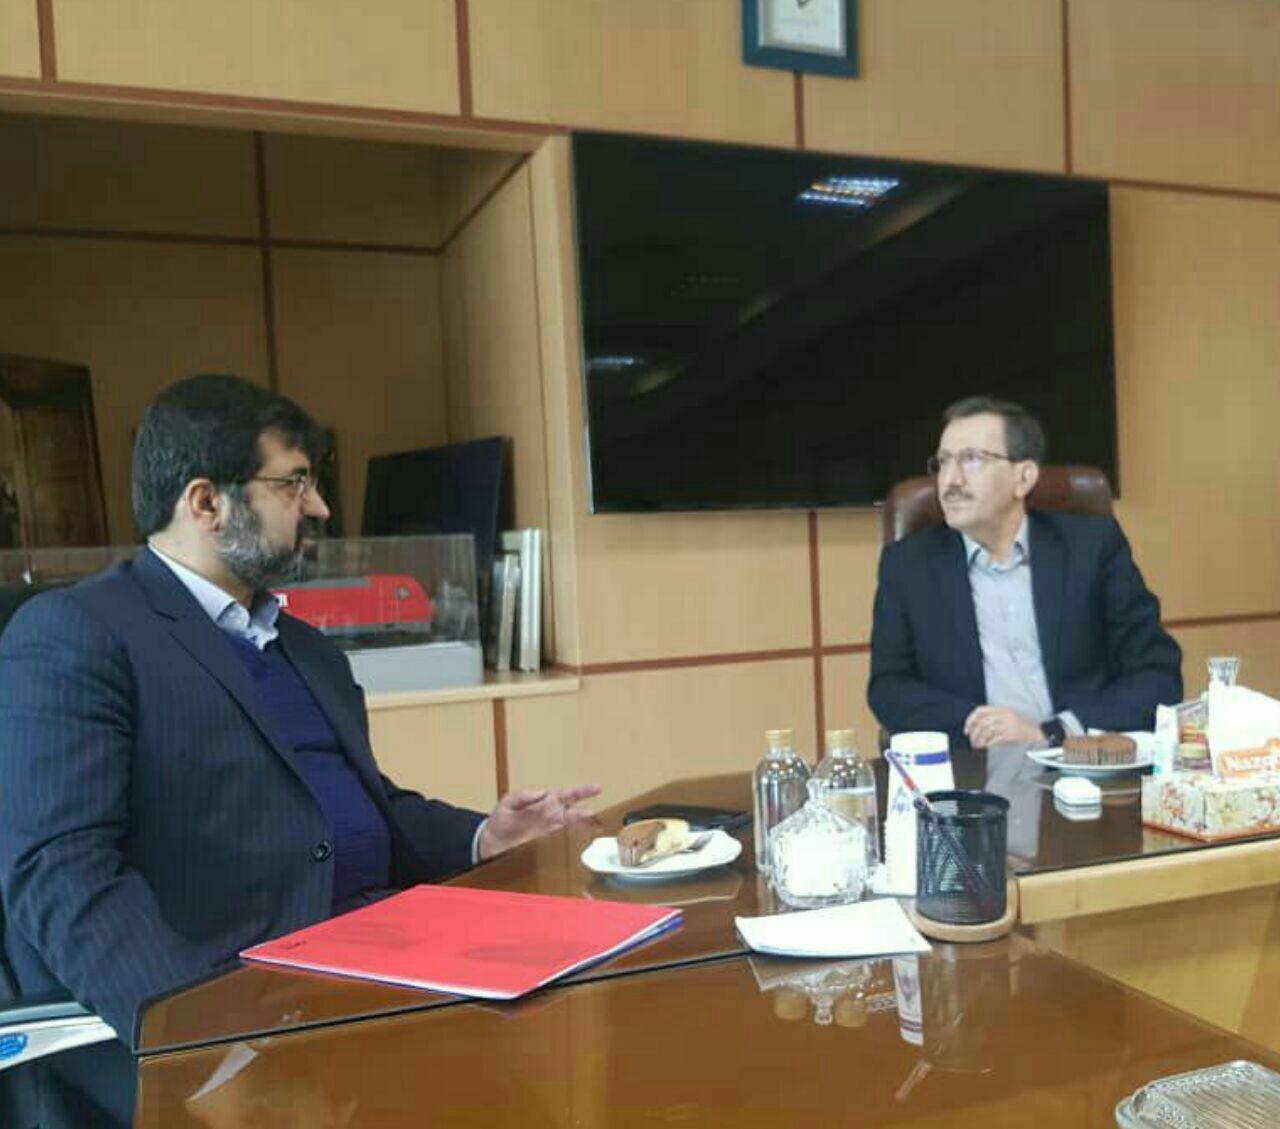 اتصال خط ریلی استان اردبیل به جمهوری آذربایجان منافع دو کشور را تامین می کند